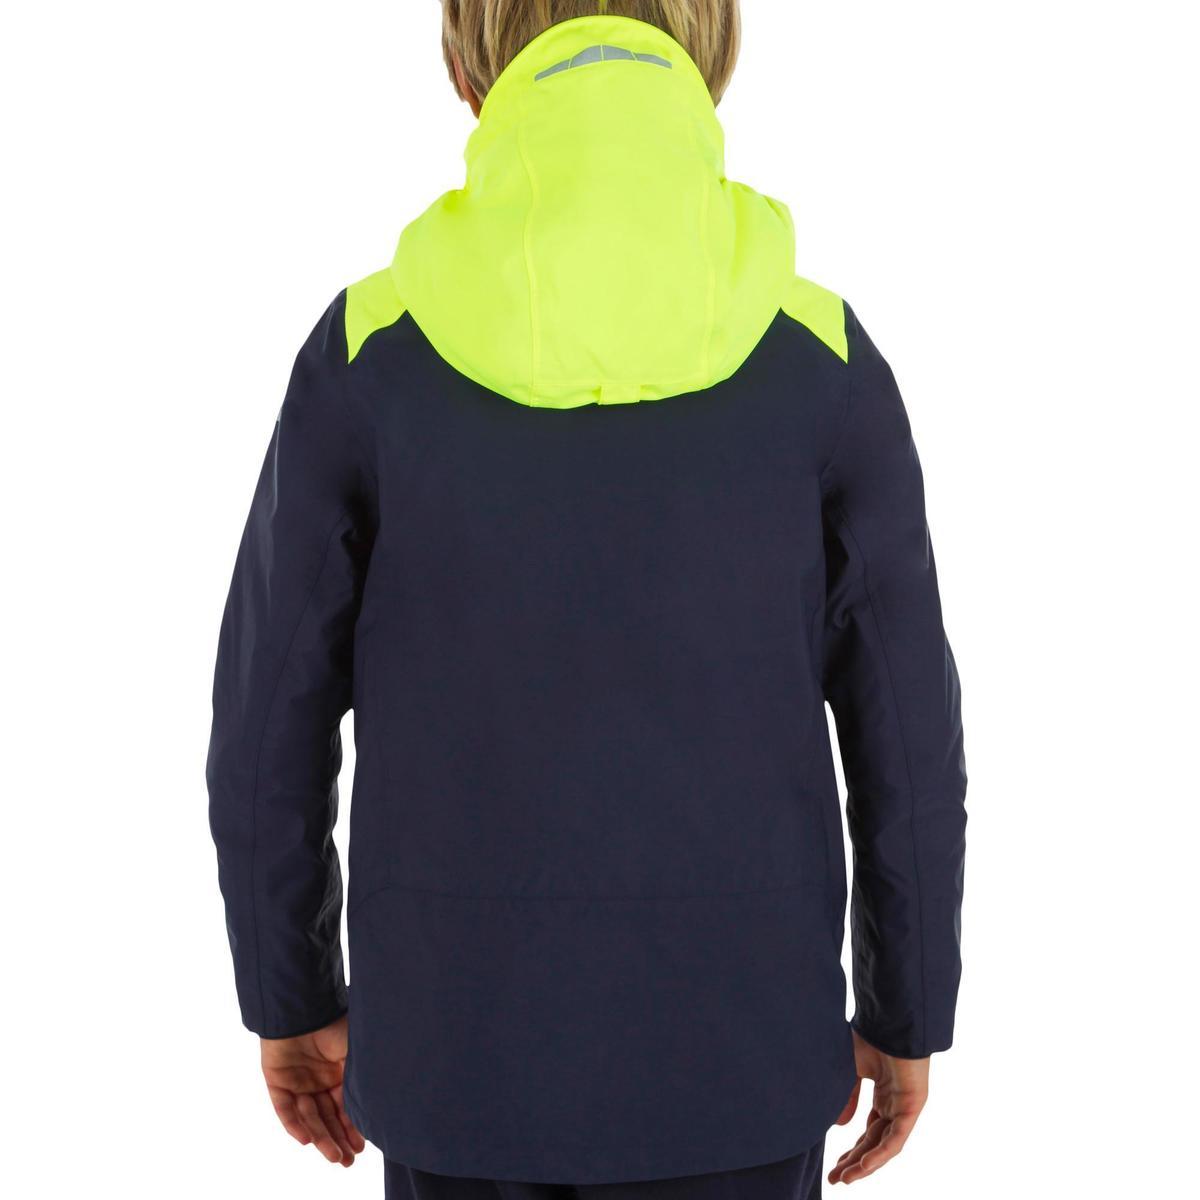 Bild 3 von Segeljacke warm 100 Jungen blau/gelb